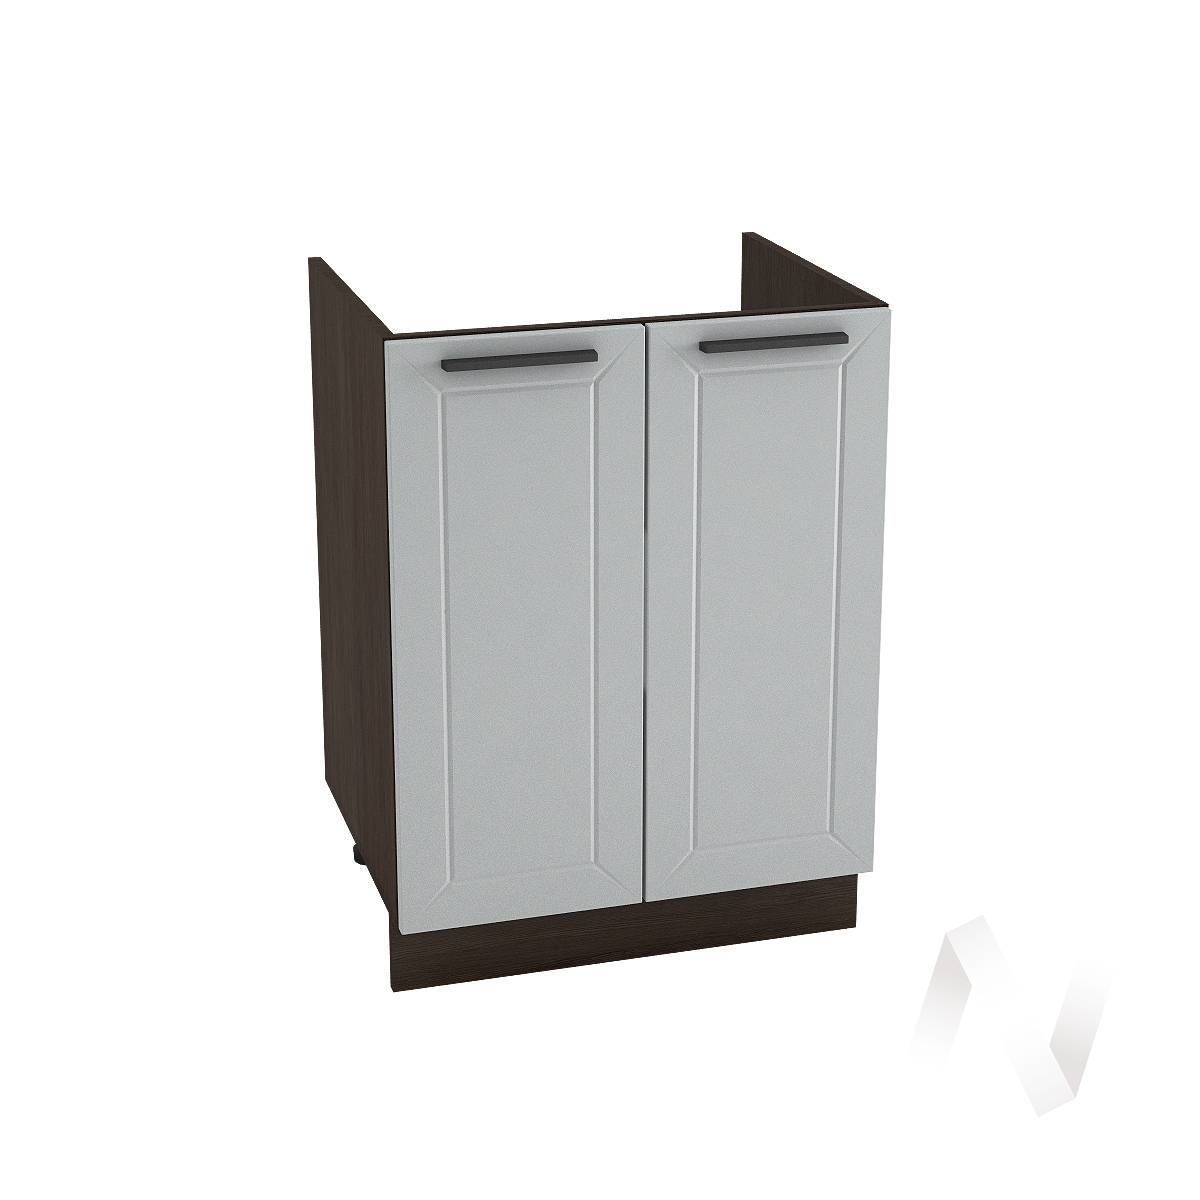 """Кухня """"Глетчер"""": Шкаф нижний под мойку 600, ШНМ 600 (Гейнсборо Силк/корпус венге)"""